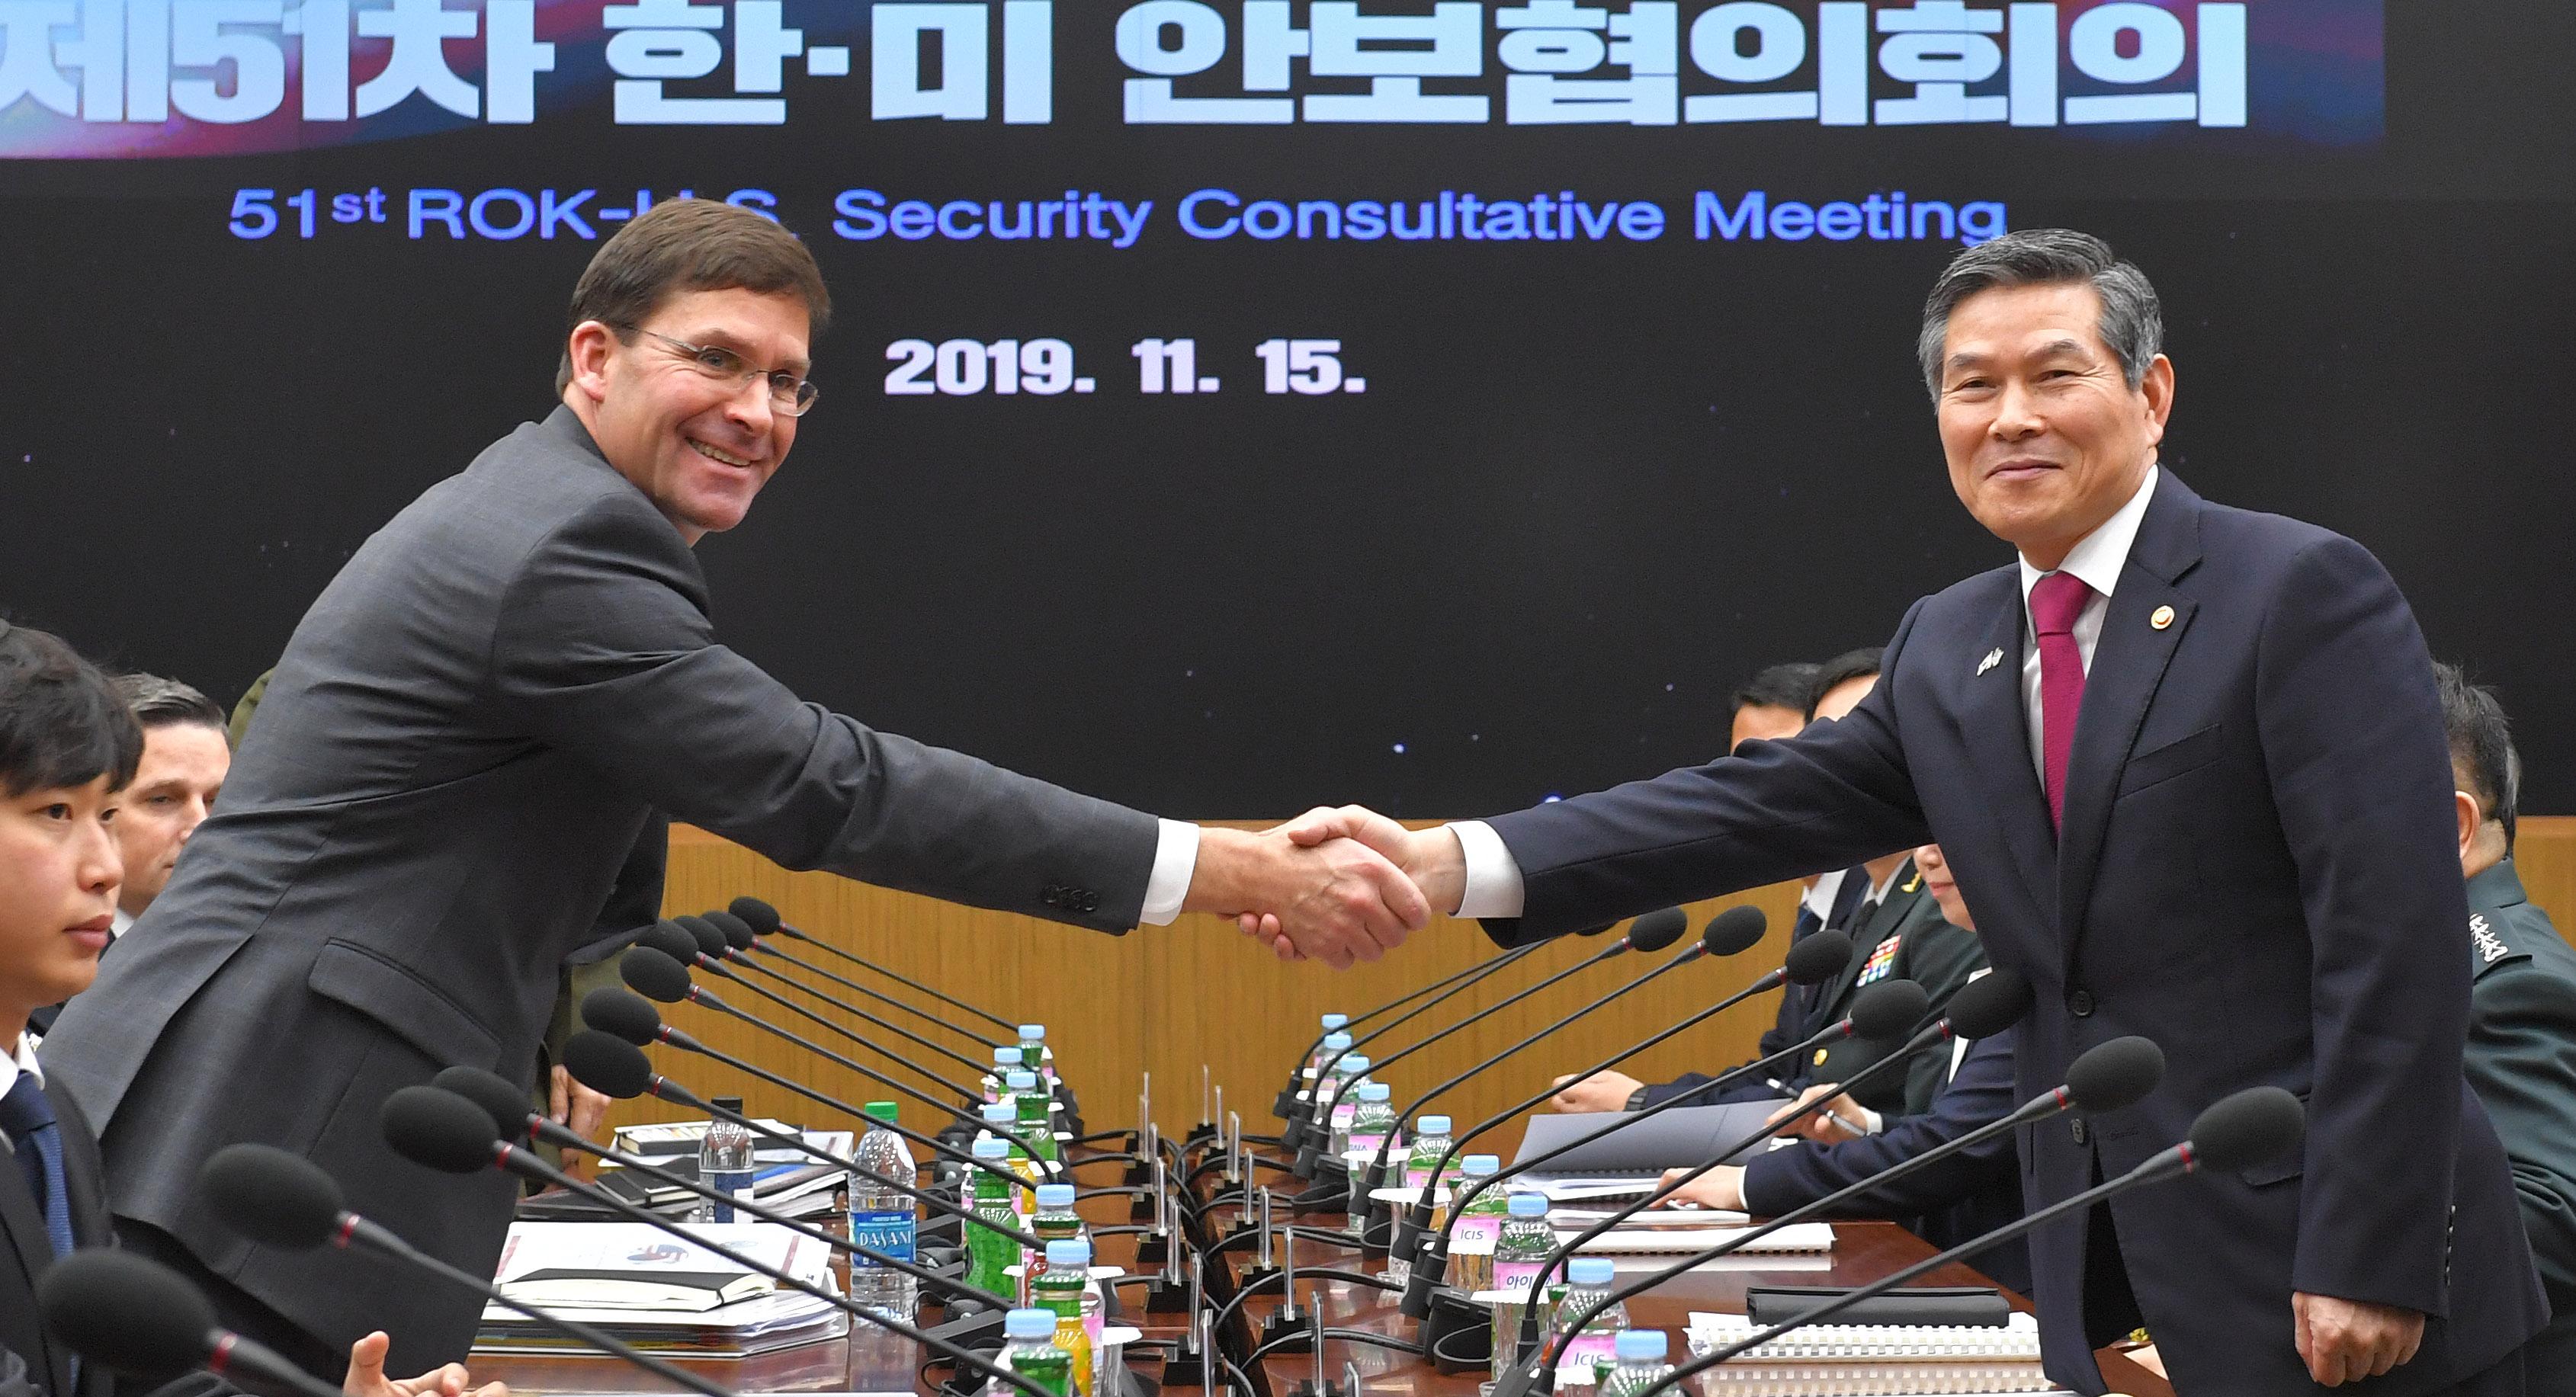 제51차 한·미 안보협의회 확대회담